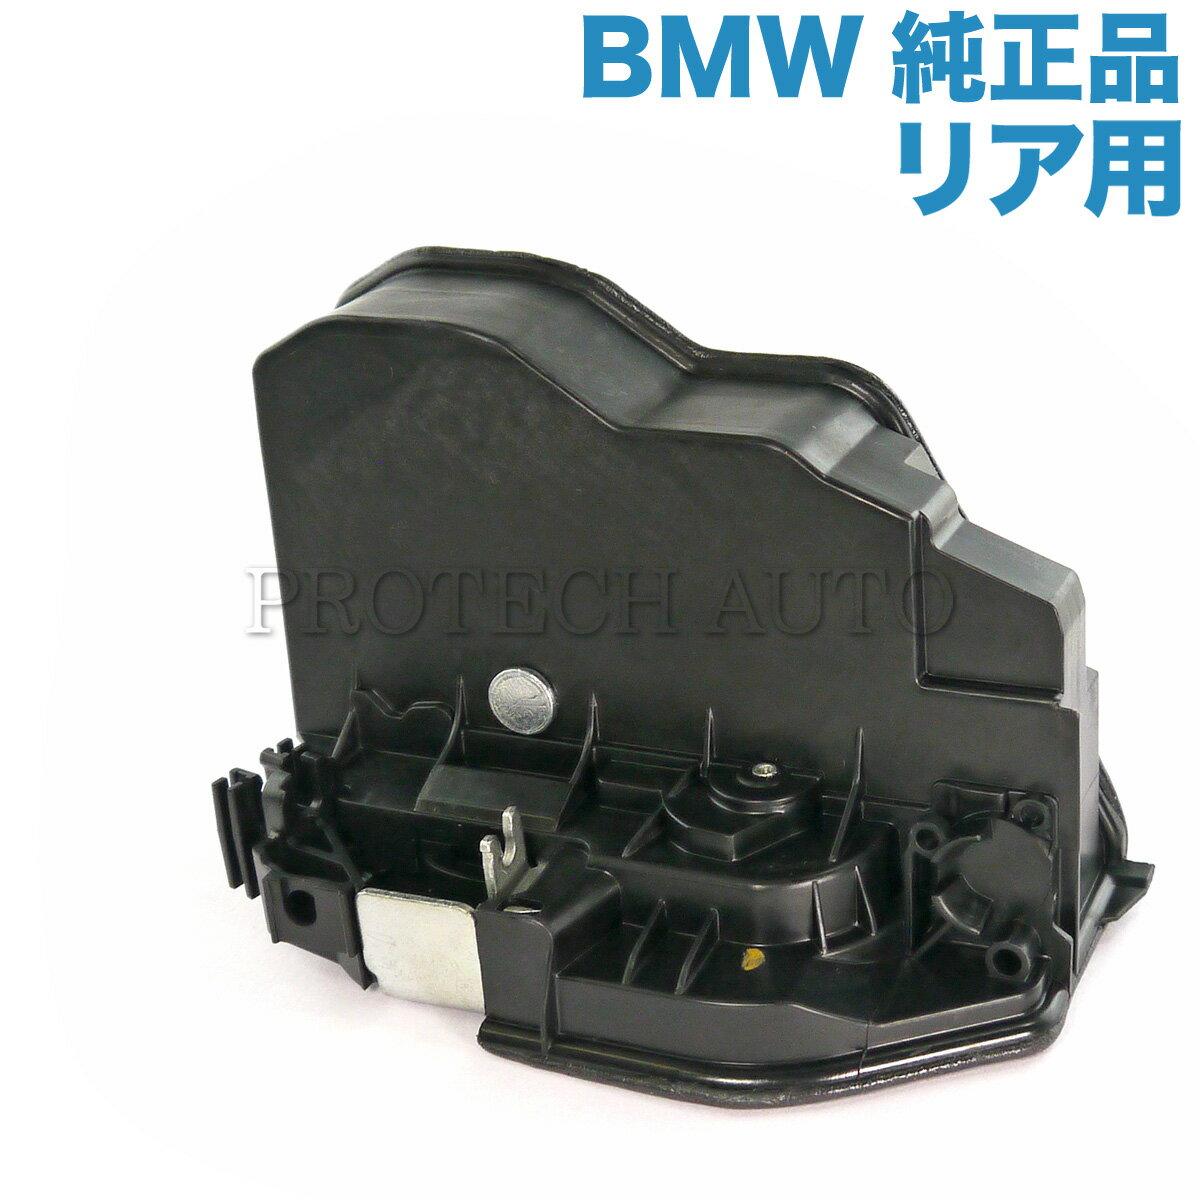 純正 BMW 1シリーズ E87 F20 リヤ/リア ドアロックアクチュエーター 左 51227202147 116i 118i 120i 130i 118d M135i M140i【あす楽対応】